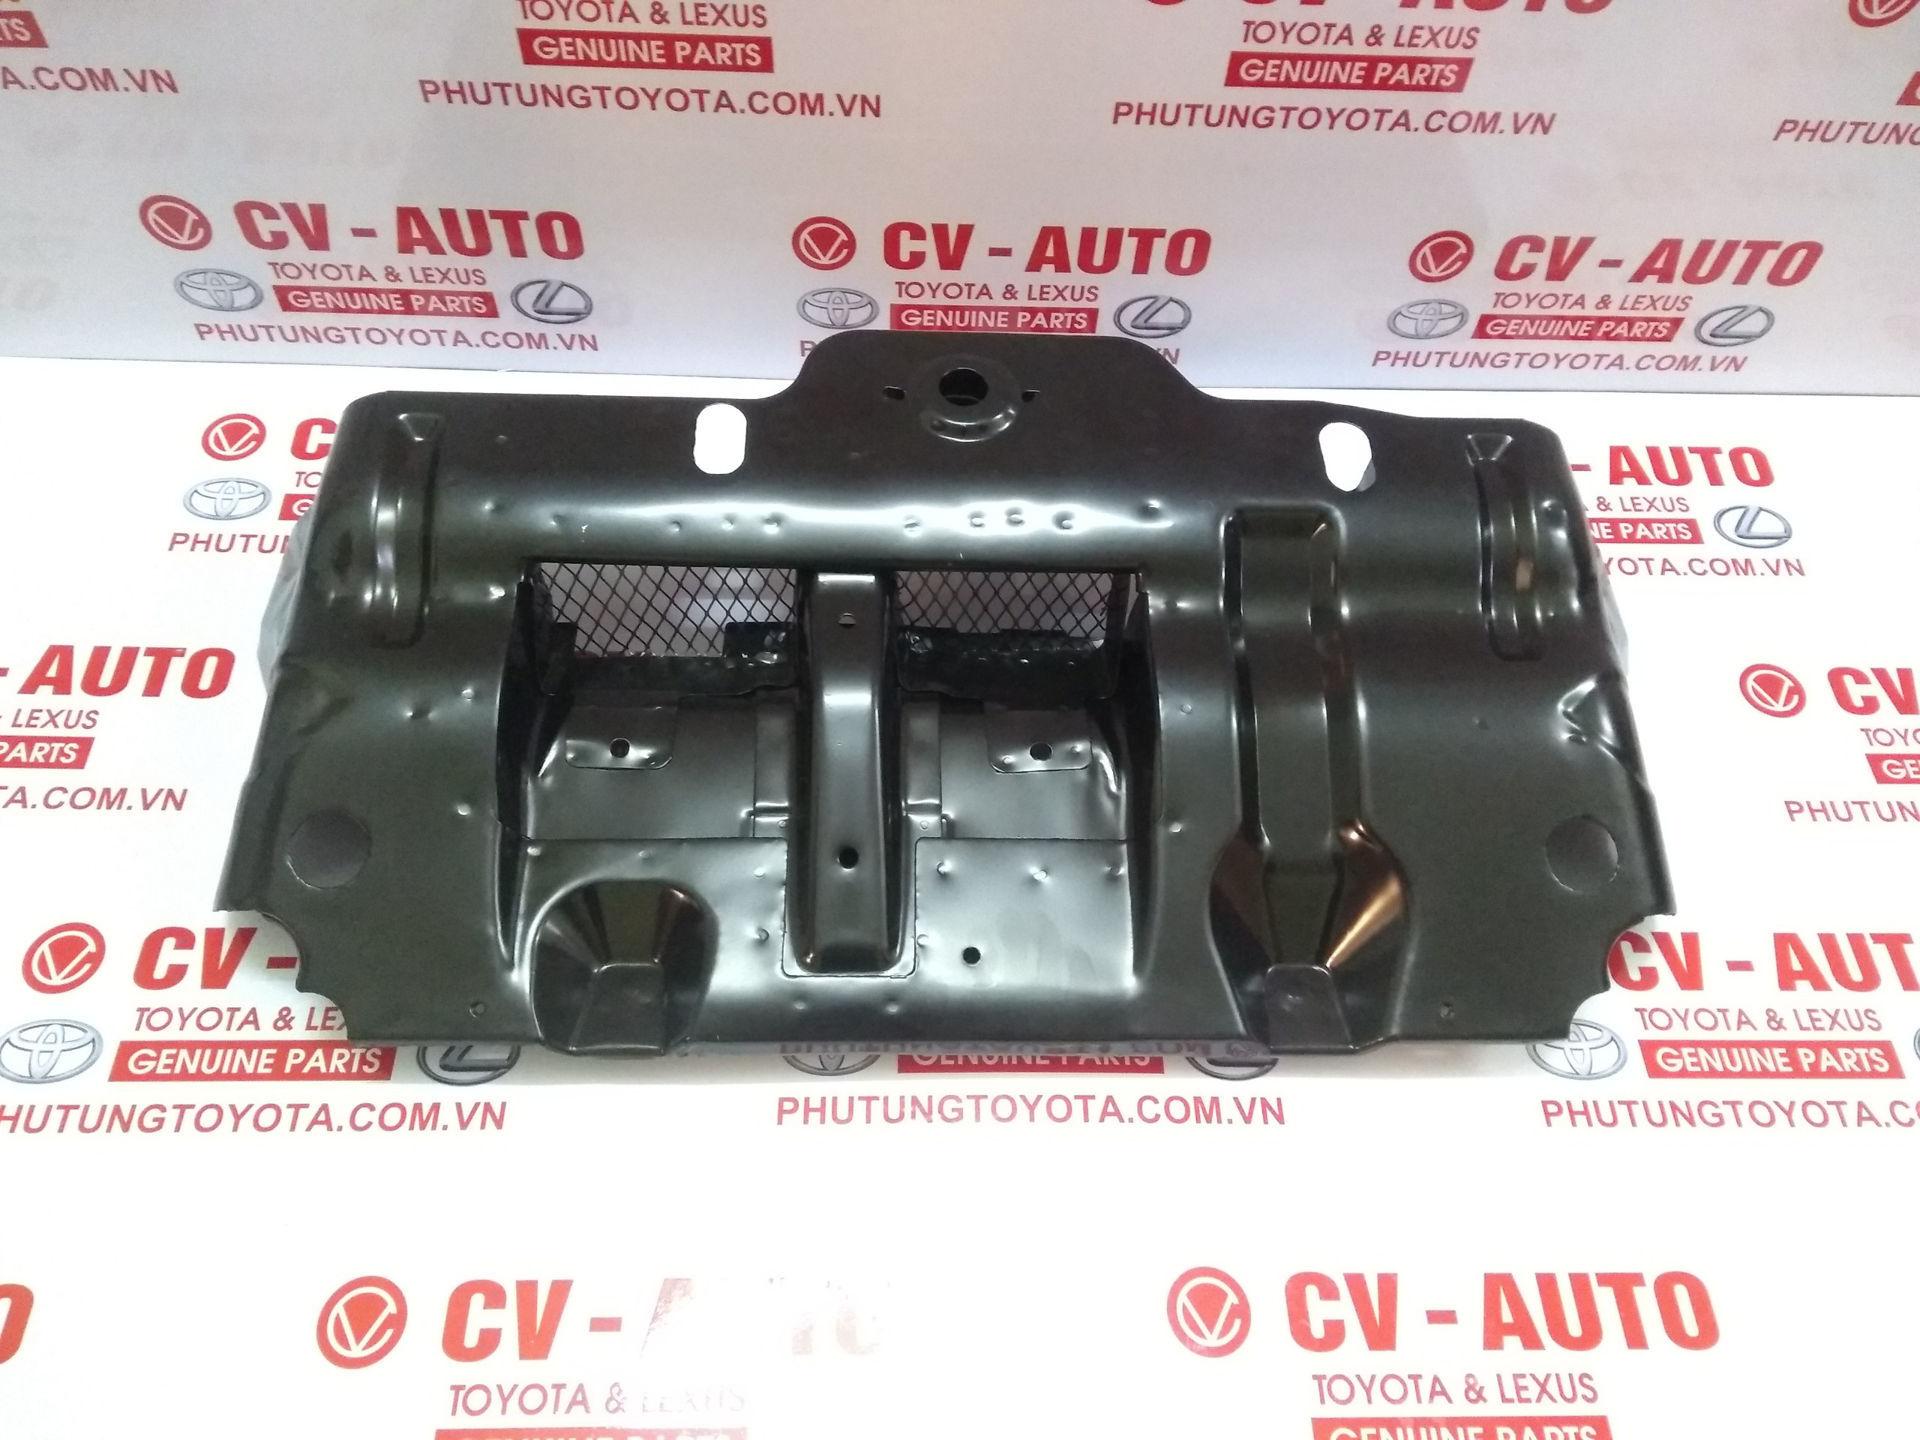 Picture of 51405-35101 Chắn bùn máy Lexus GX470 hàng chính hãng